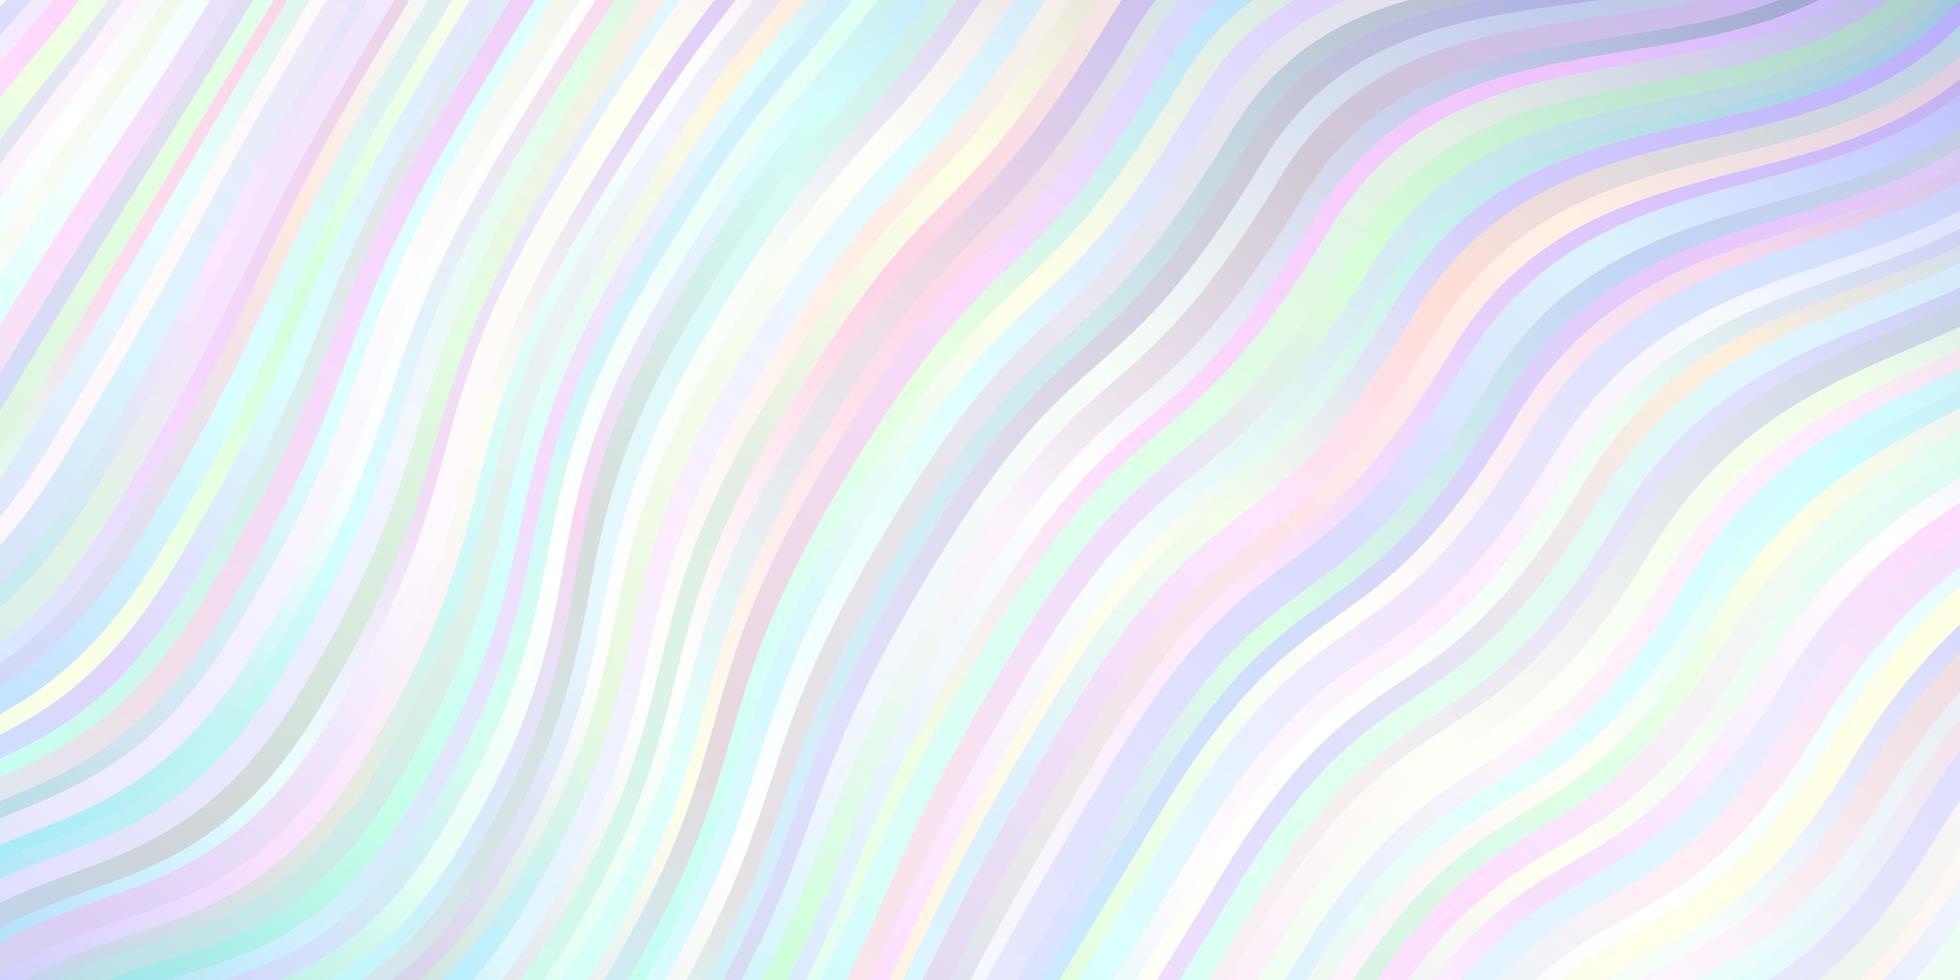 ljusrosa, blå vektormall med linjer. vektor